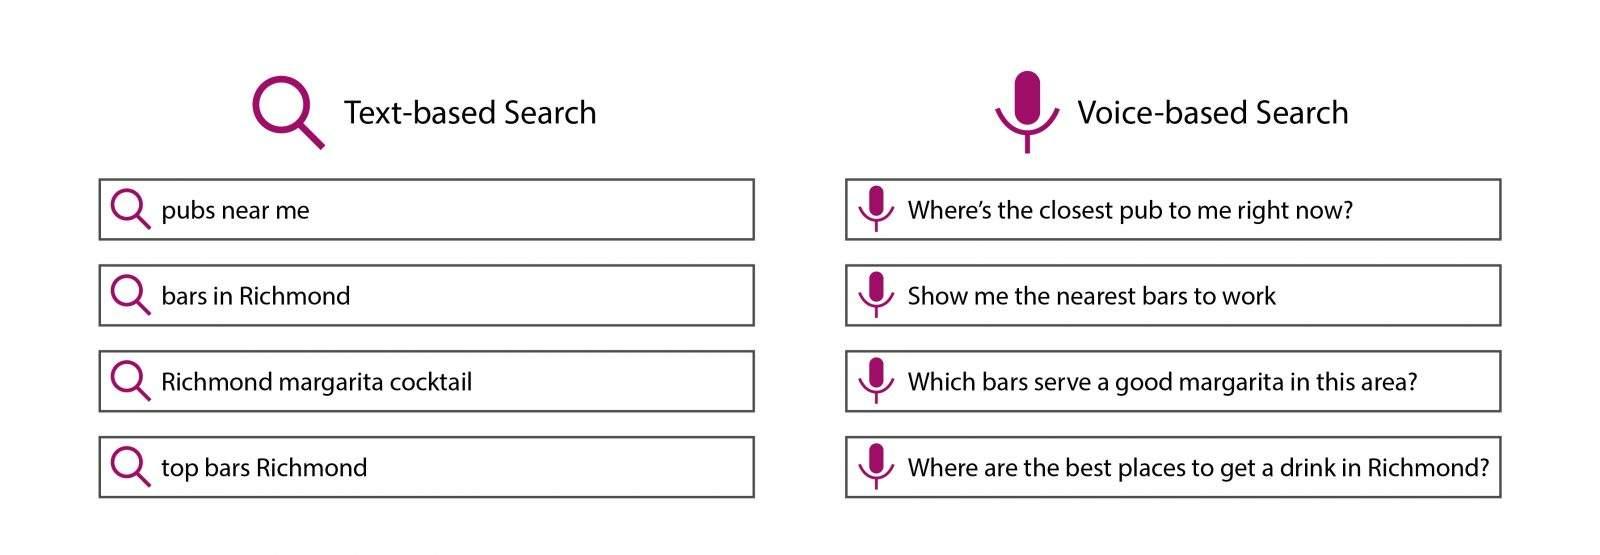 röststyrda sökningar